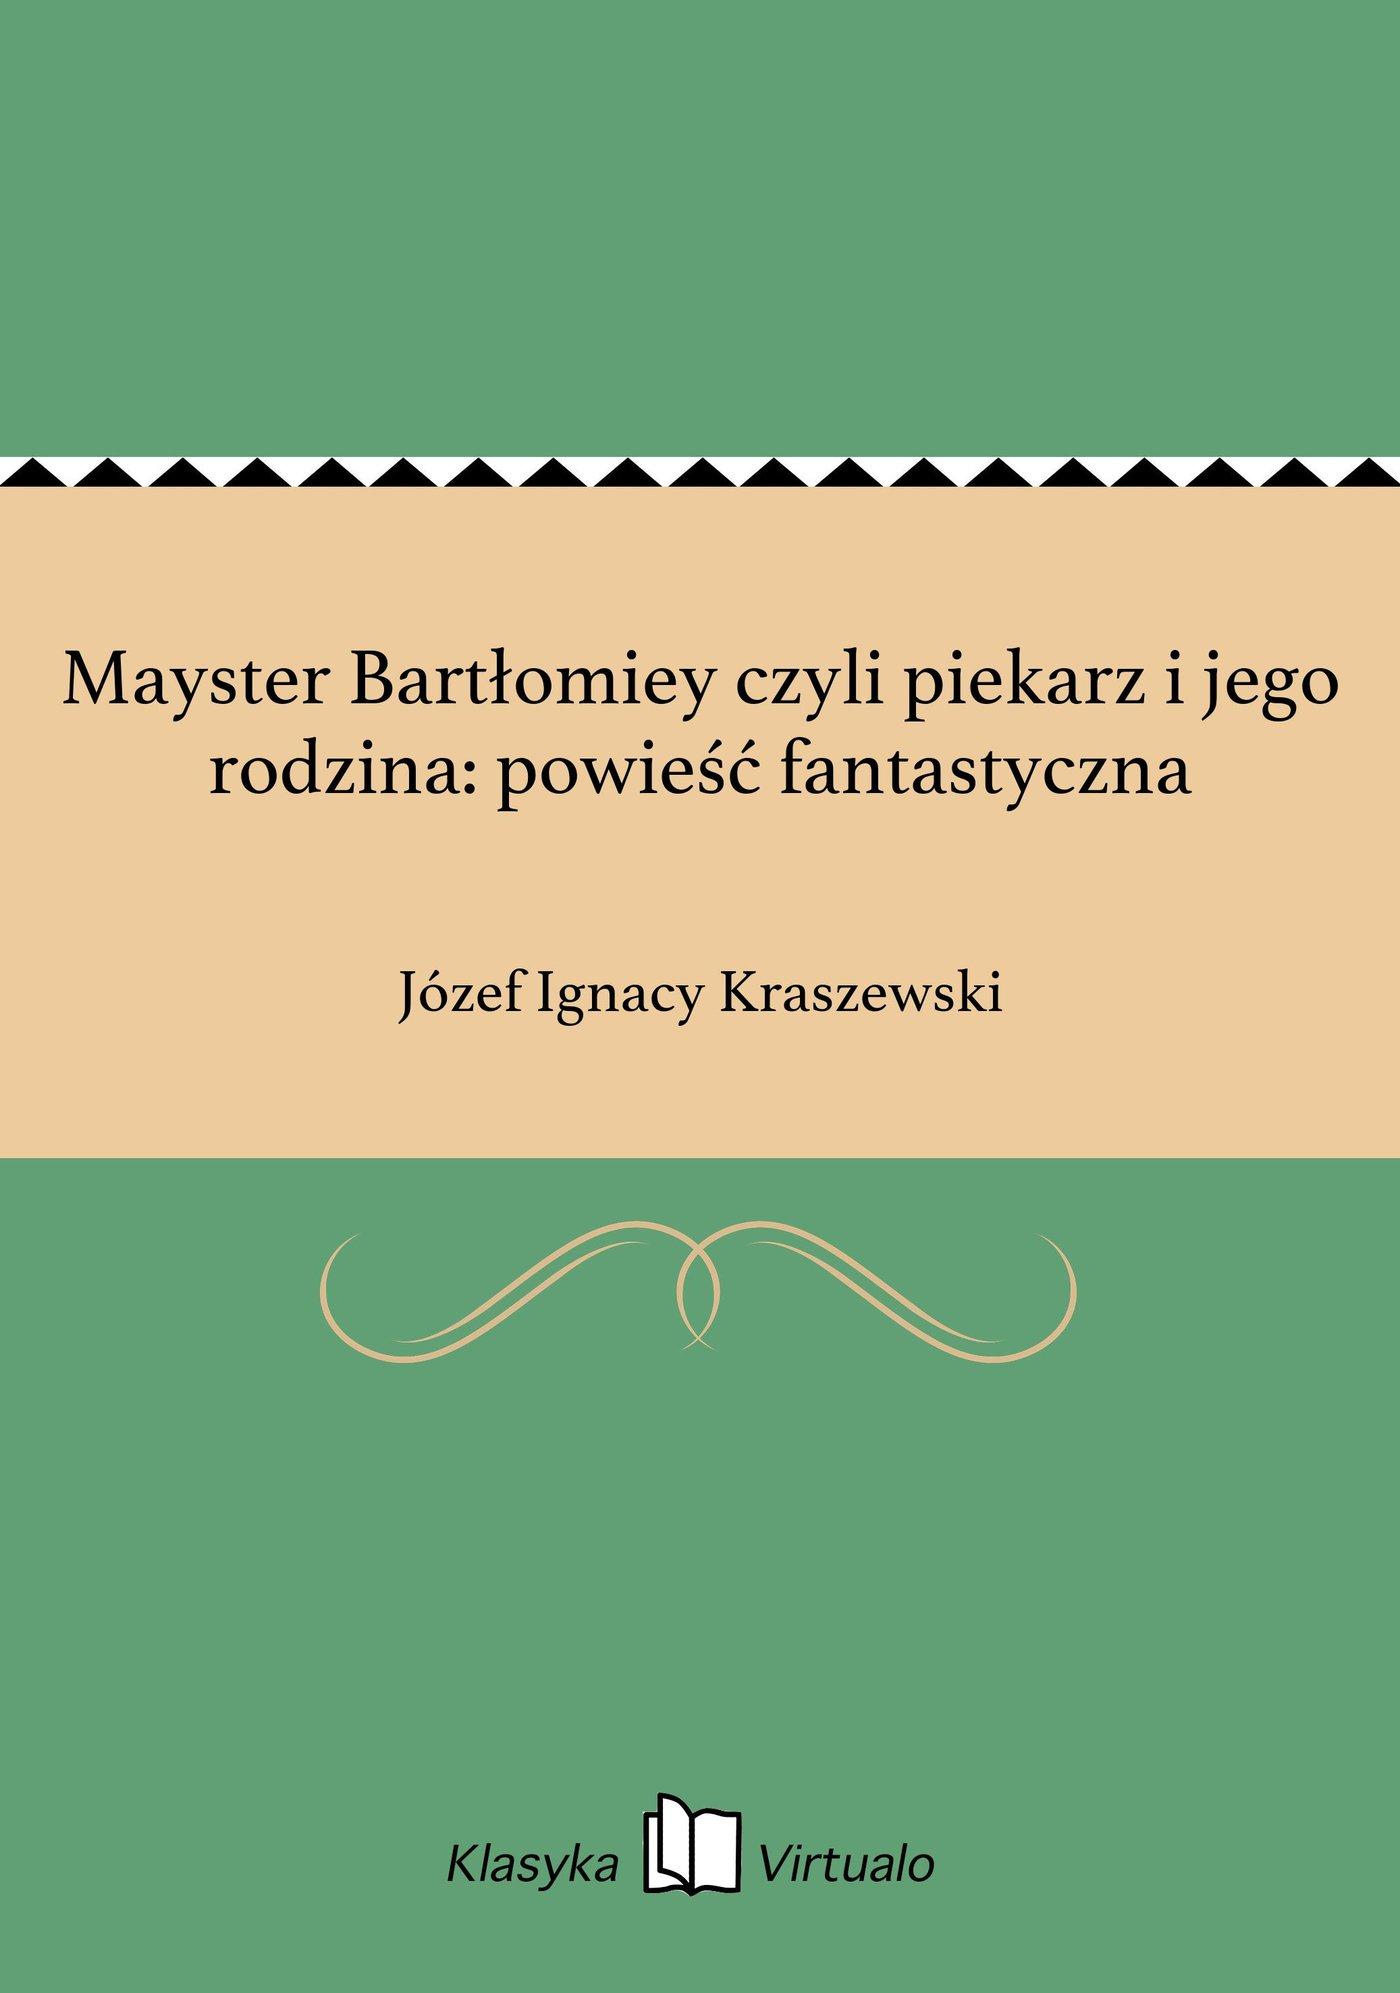 Mayster Bartłomiey czyli piekarz i jego rodzina: powieść fantastyczna - Ebook (Książka EPUB) do pobrania w formacie EPUB